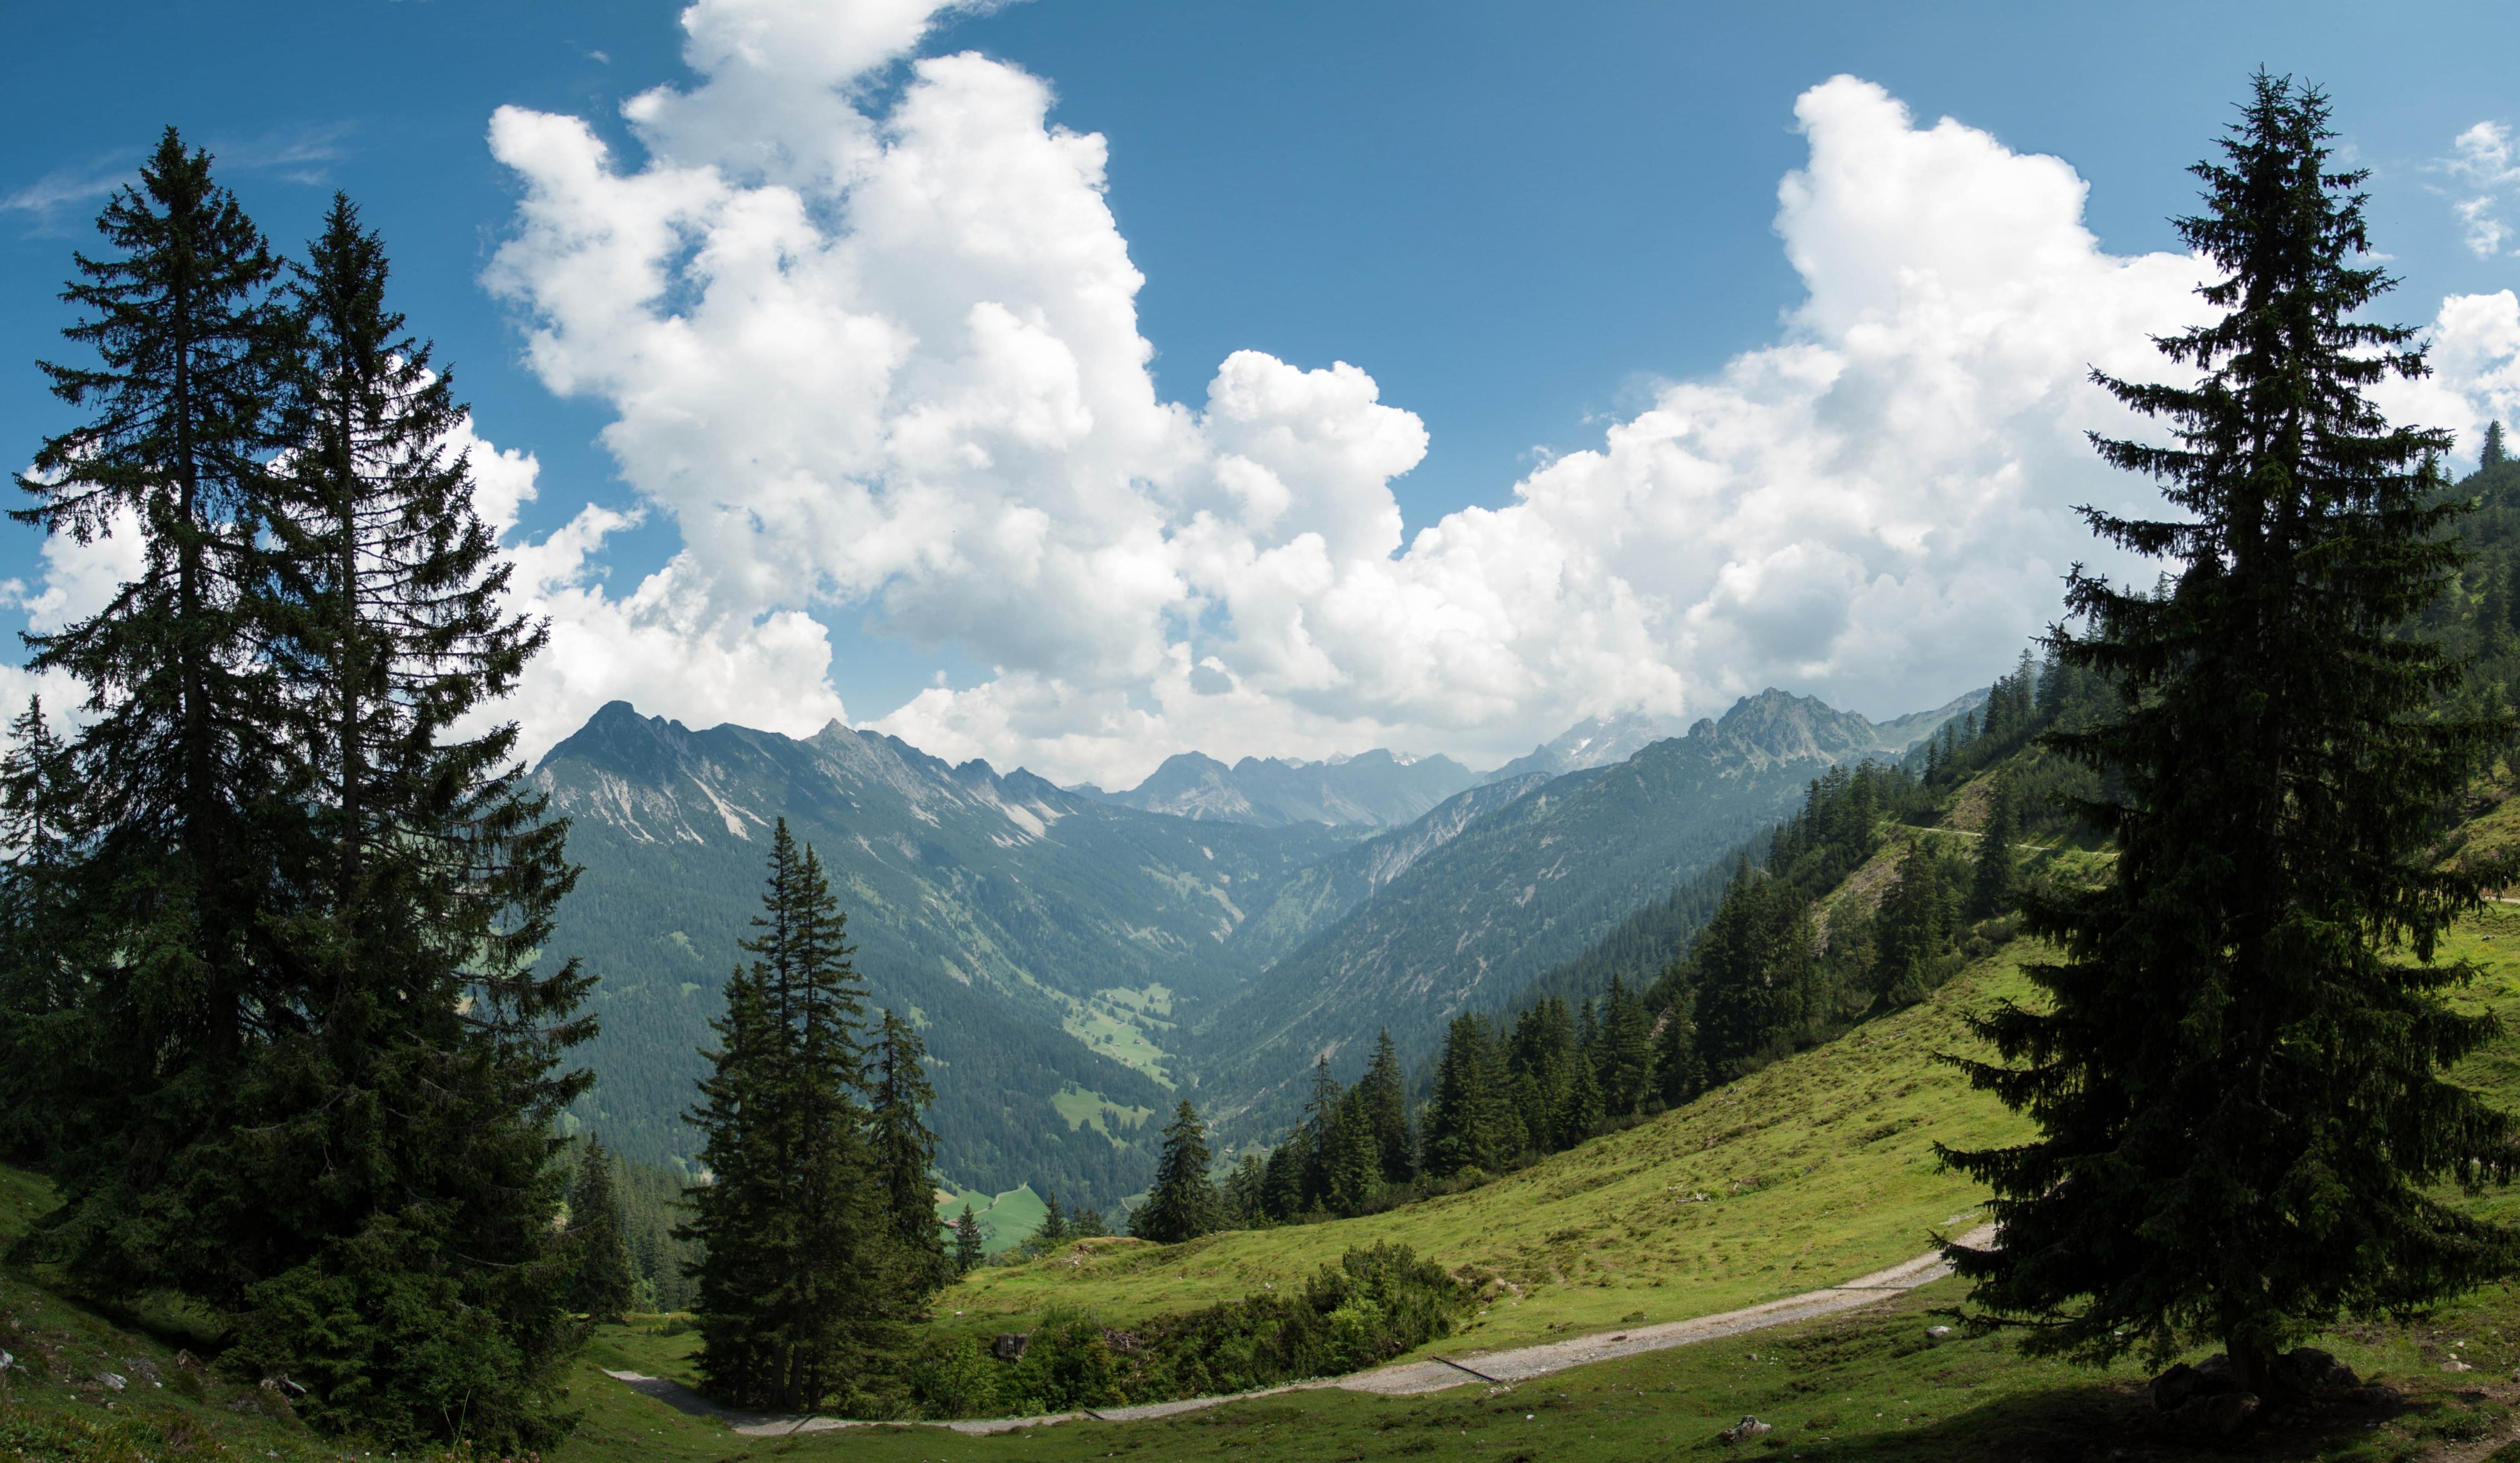 131567 скачать обои Деревья, Природа, Горы, Пейзаж, Сосны - заставки и картинки бесплатно